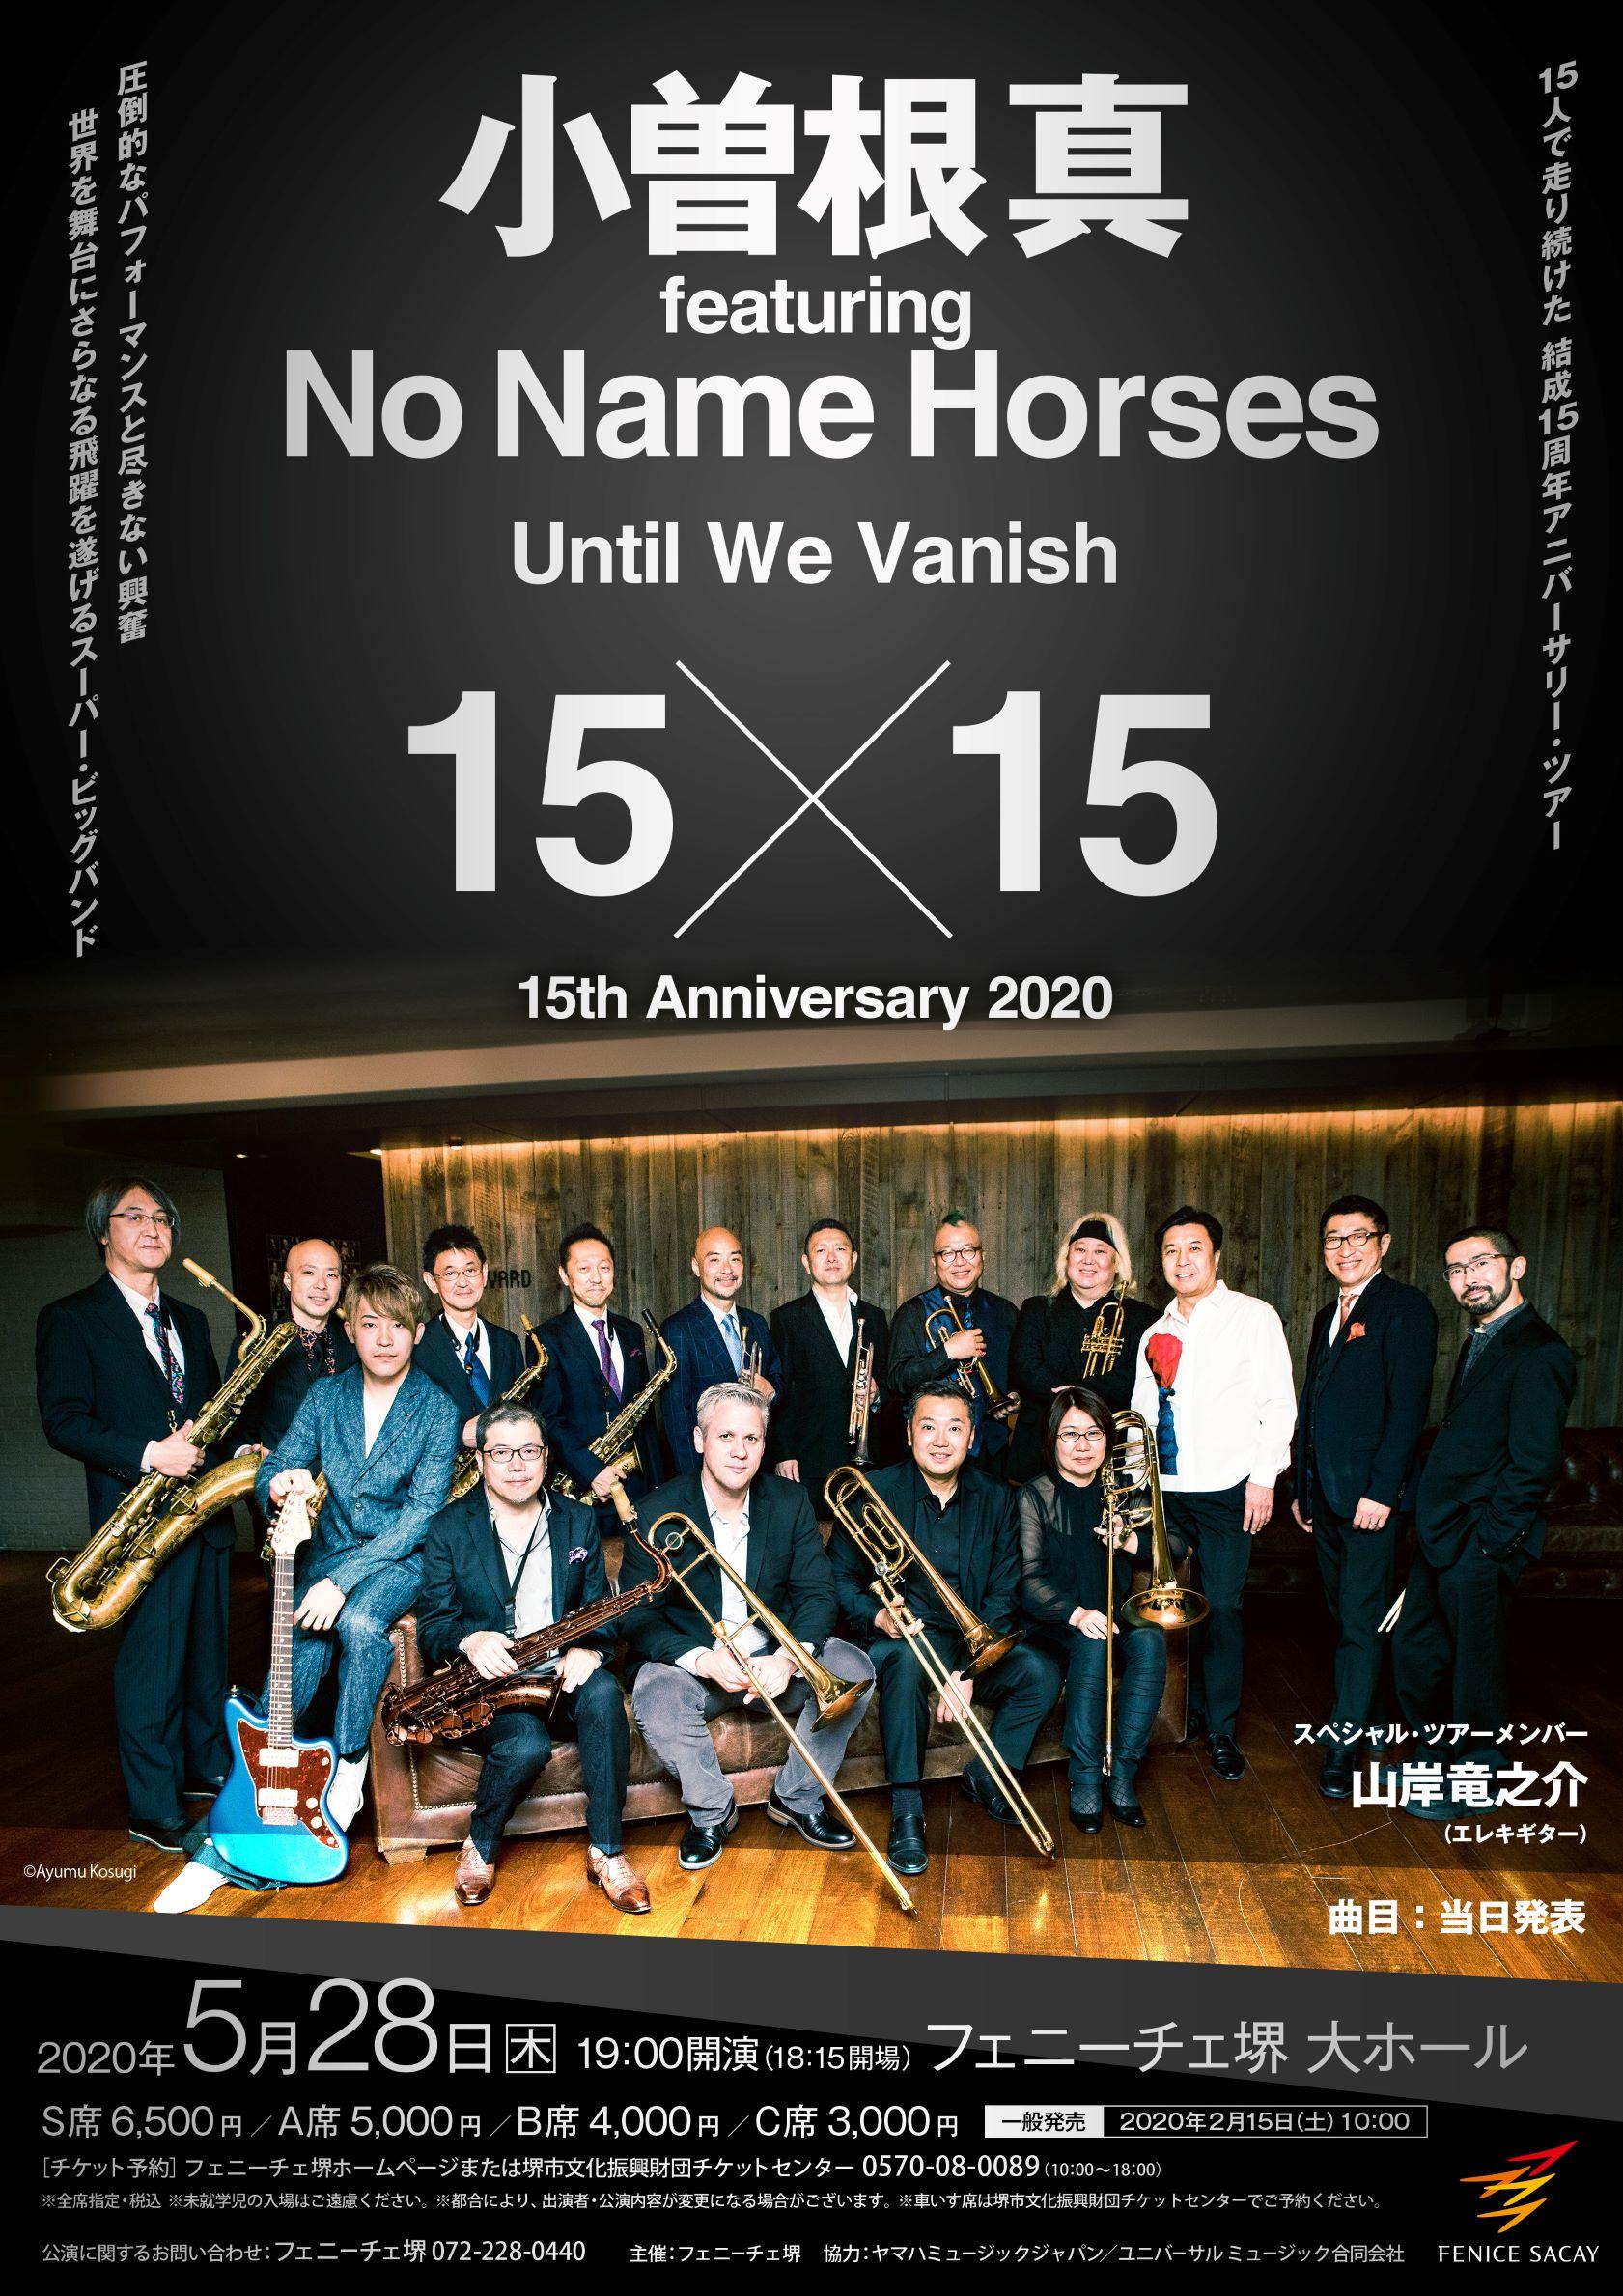 【中止】小曽根真 featuring No Name Horses                     15周年ツアー Until We Vanish 15×15